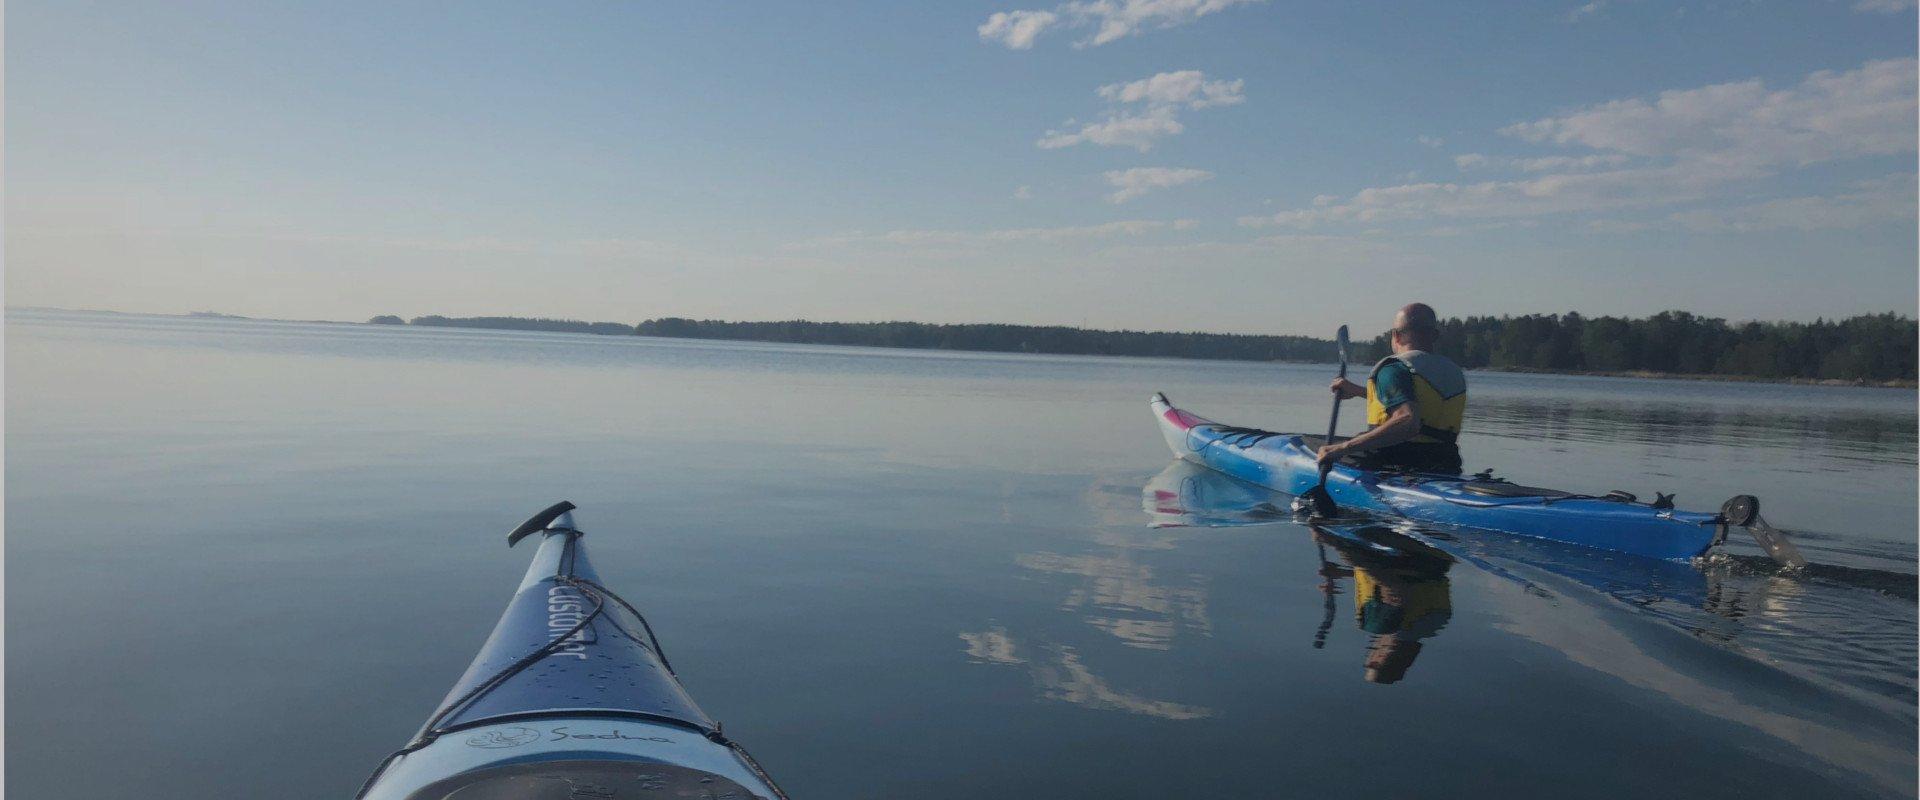 Hero_Simon_blog_kayaking